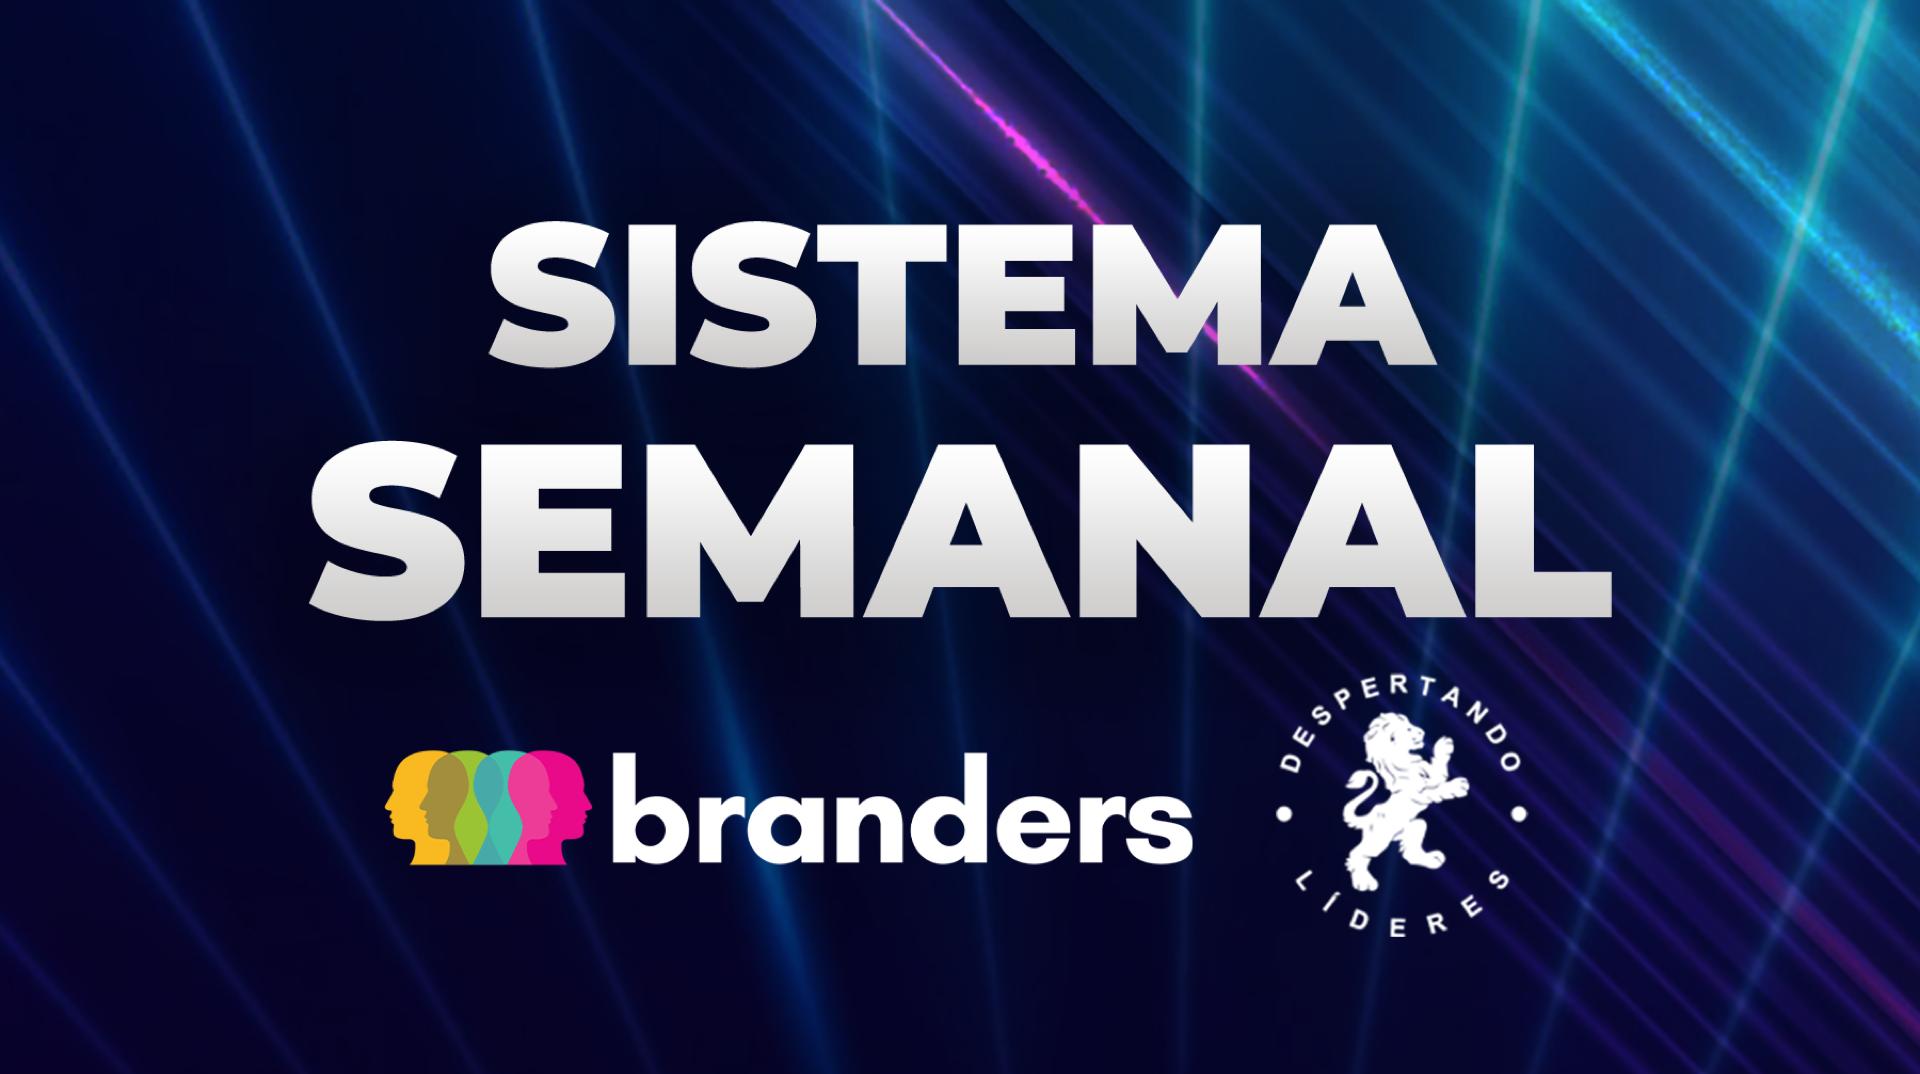 Sistema Semanal Branders